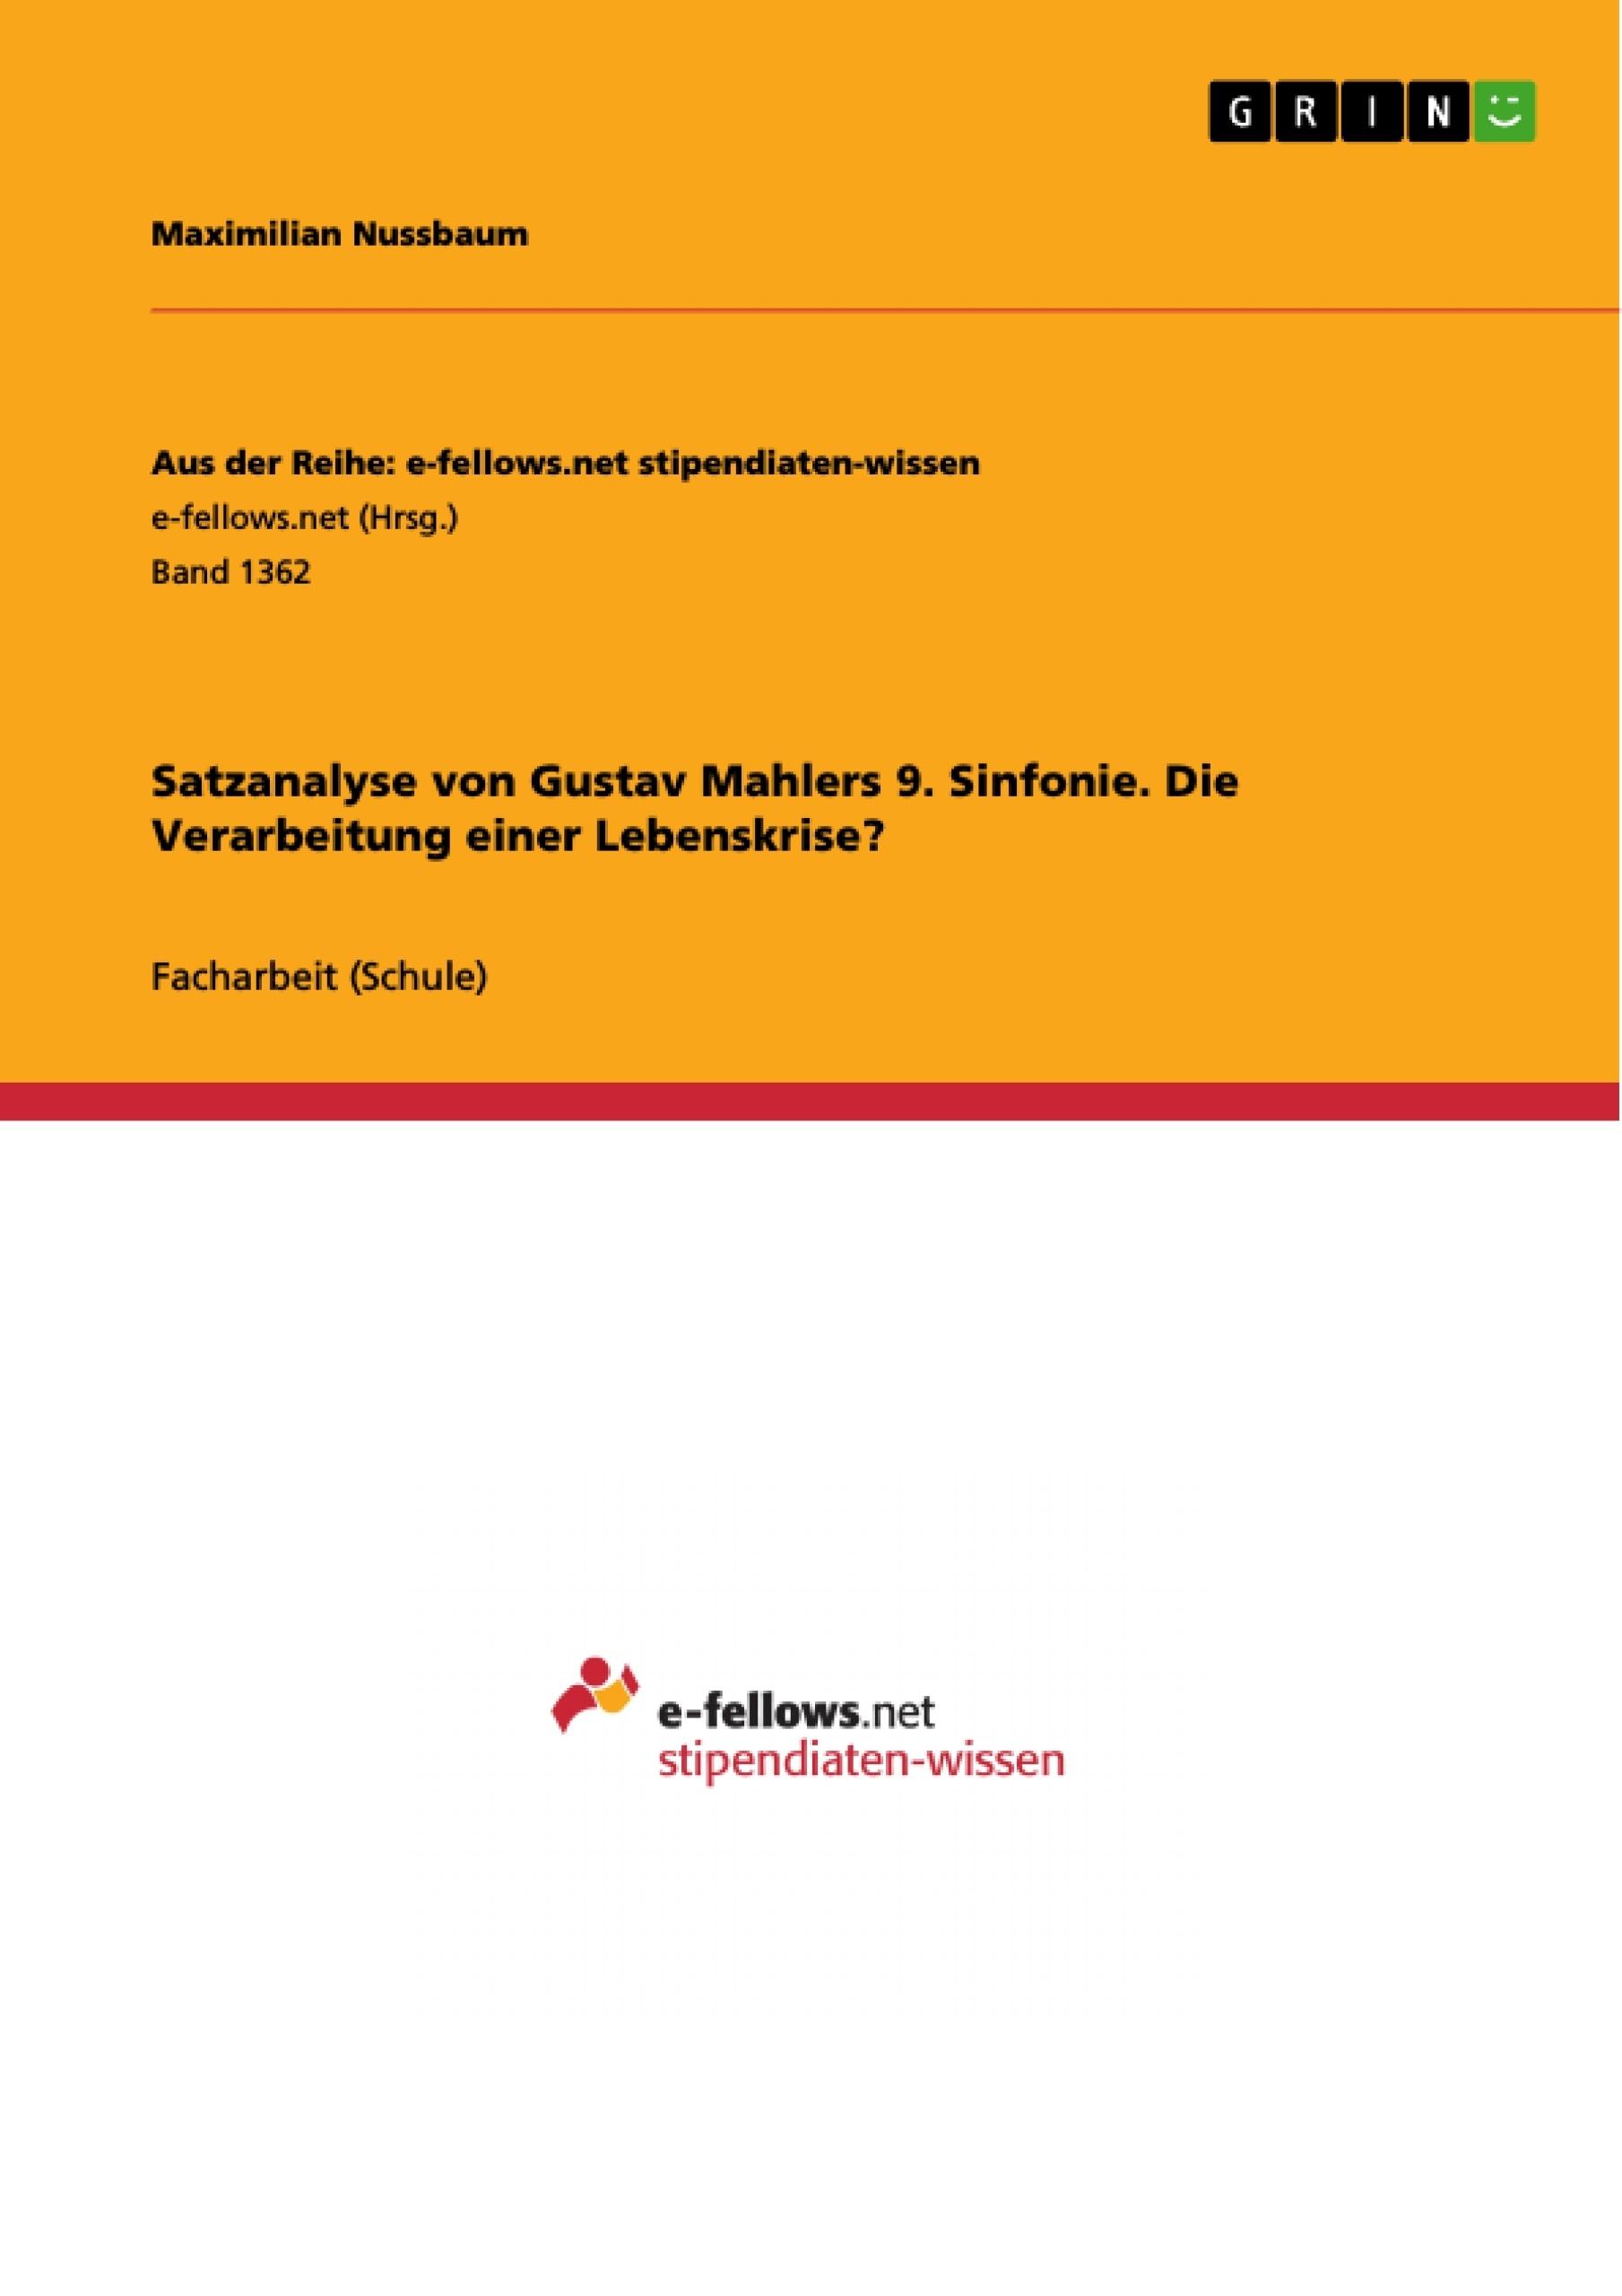 Titel: Satzanalyse von Gustav Mahlers 9. Sinfonie. Die Verarbeitung einer Lebenskrise?